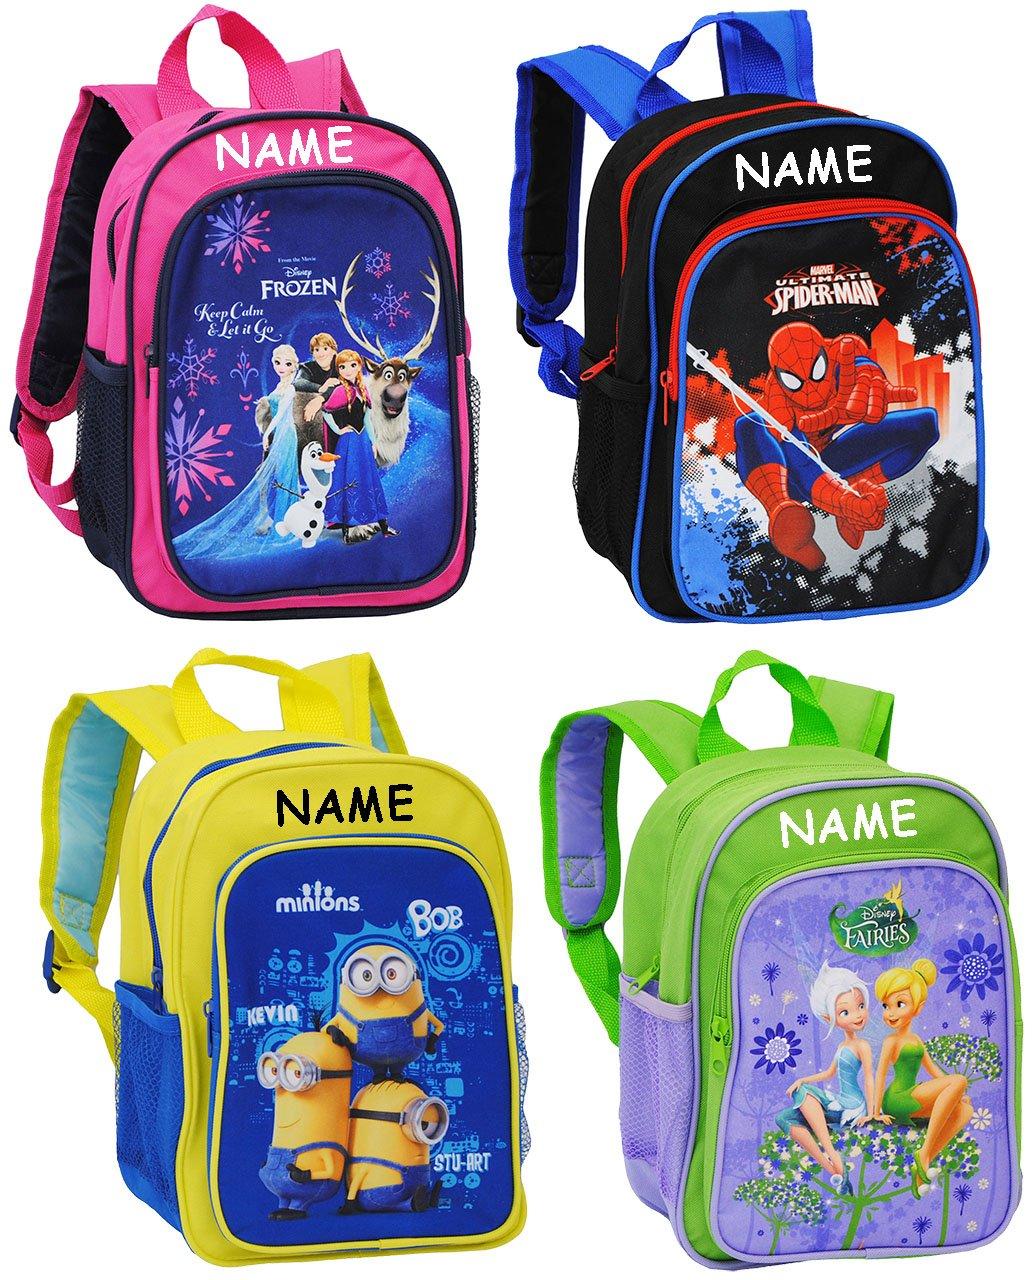 Belldessa Rucksack für Kinder - Disney Fairies - Tinkerbell - incl. Name - Tasche - Kinderrucksack - beschichtet & wasserfest / groß Kind - Mädchen - z.B. für Vors..